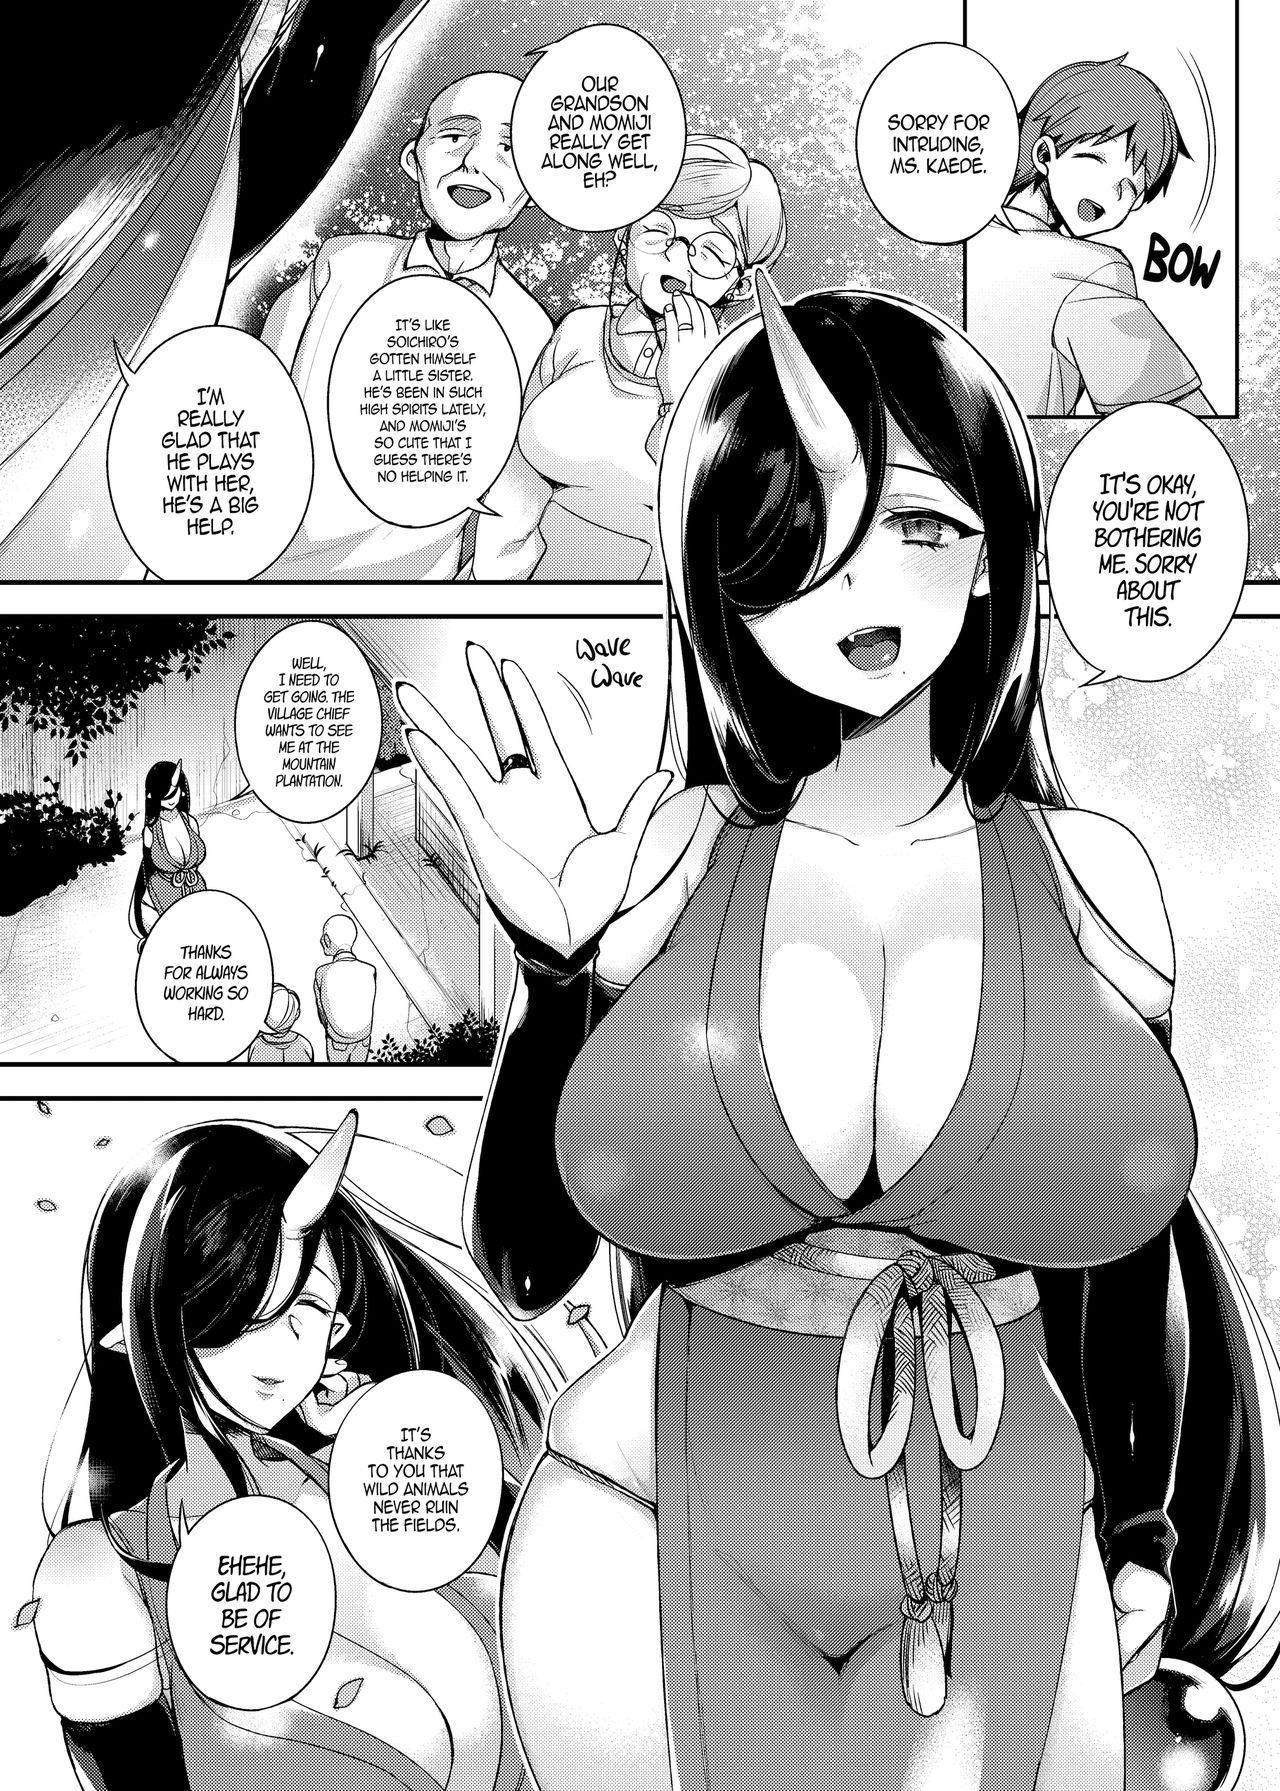 (C90) [Dodo Fuguri (Shindou)] Oni no Oyako wa Hito no Osu to Kozukuri ga Shitai ~Musume Hen~ | Mating with Oni ~Daughter Chapter~ [English] 4